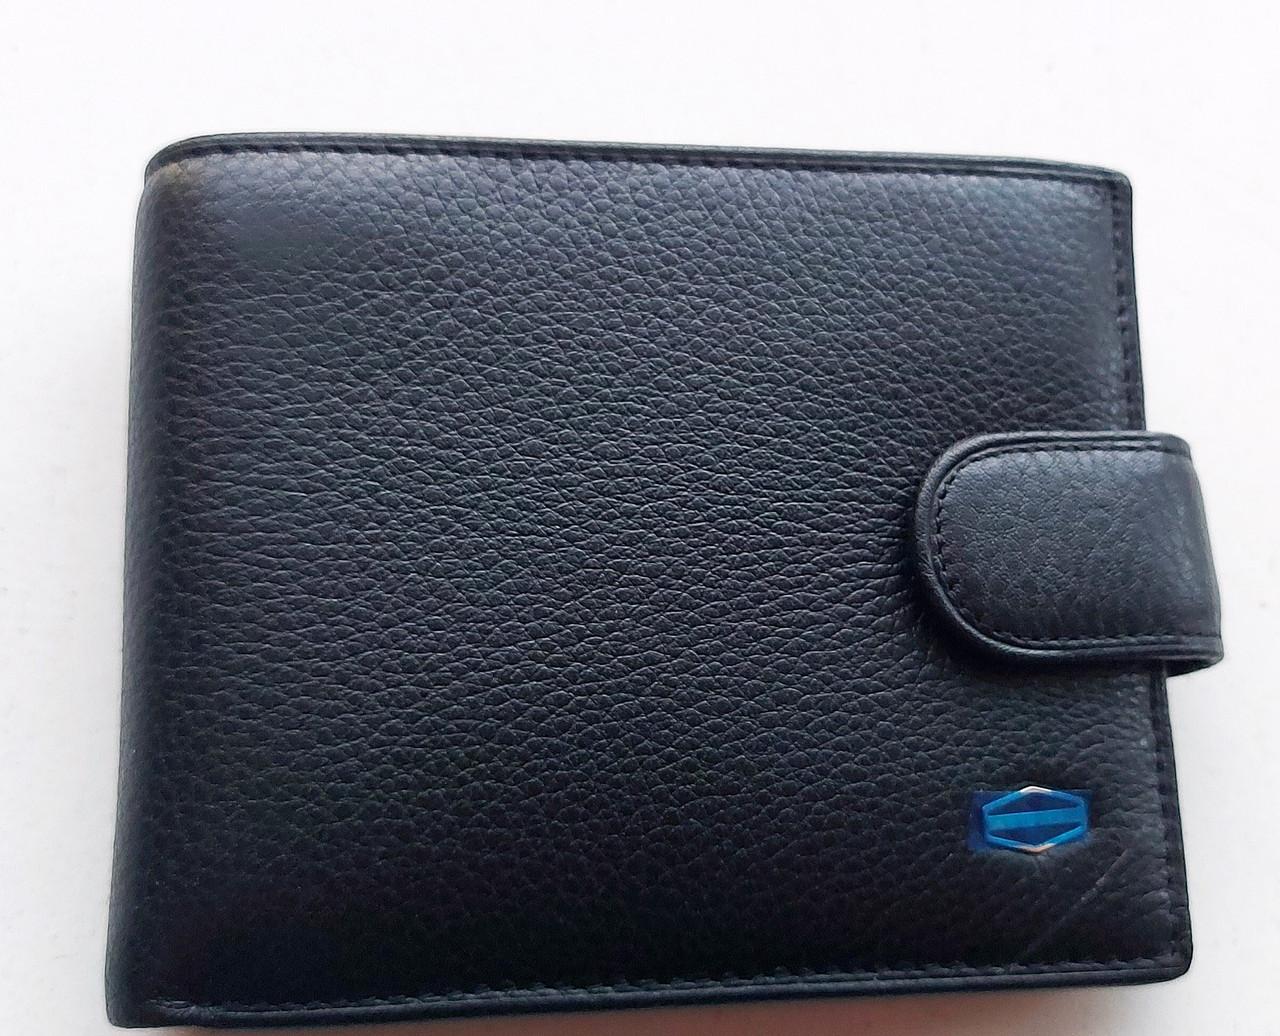 Мужское кожаное портмоне BA 2-24 black, купить мужское портмоне Balisa недорого в Украине